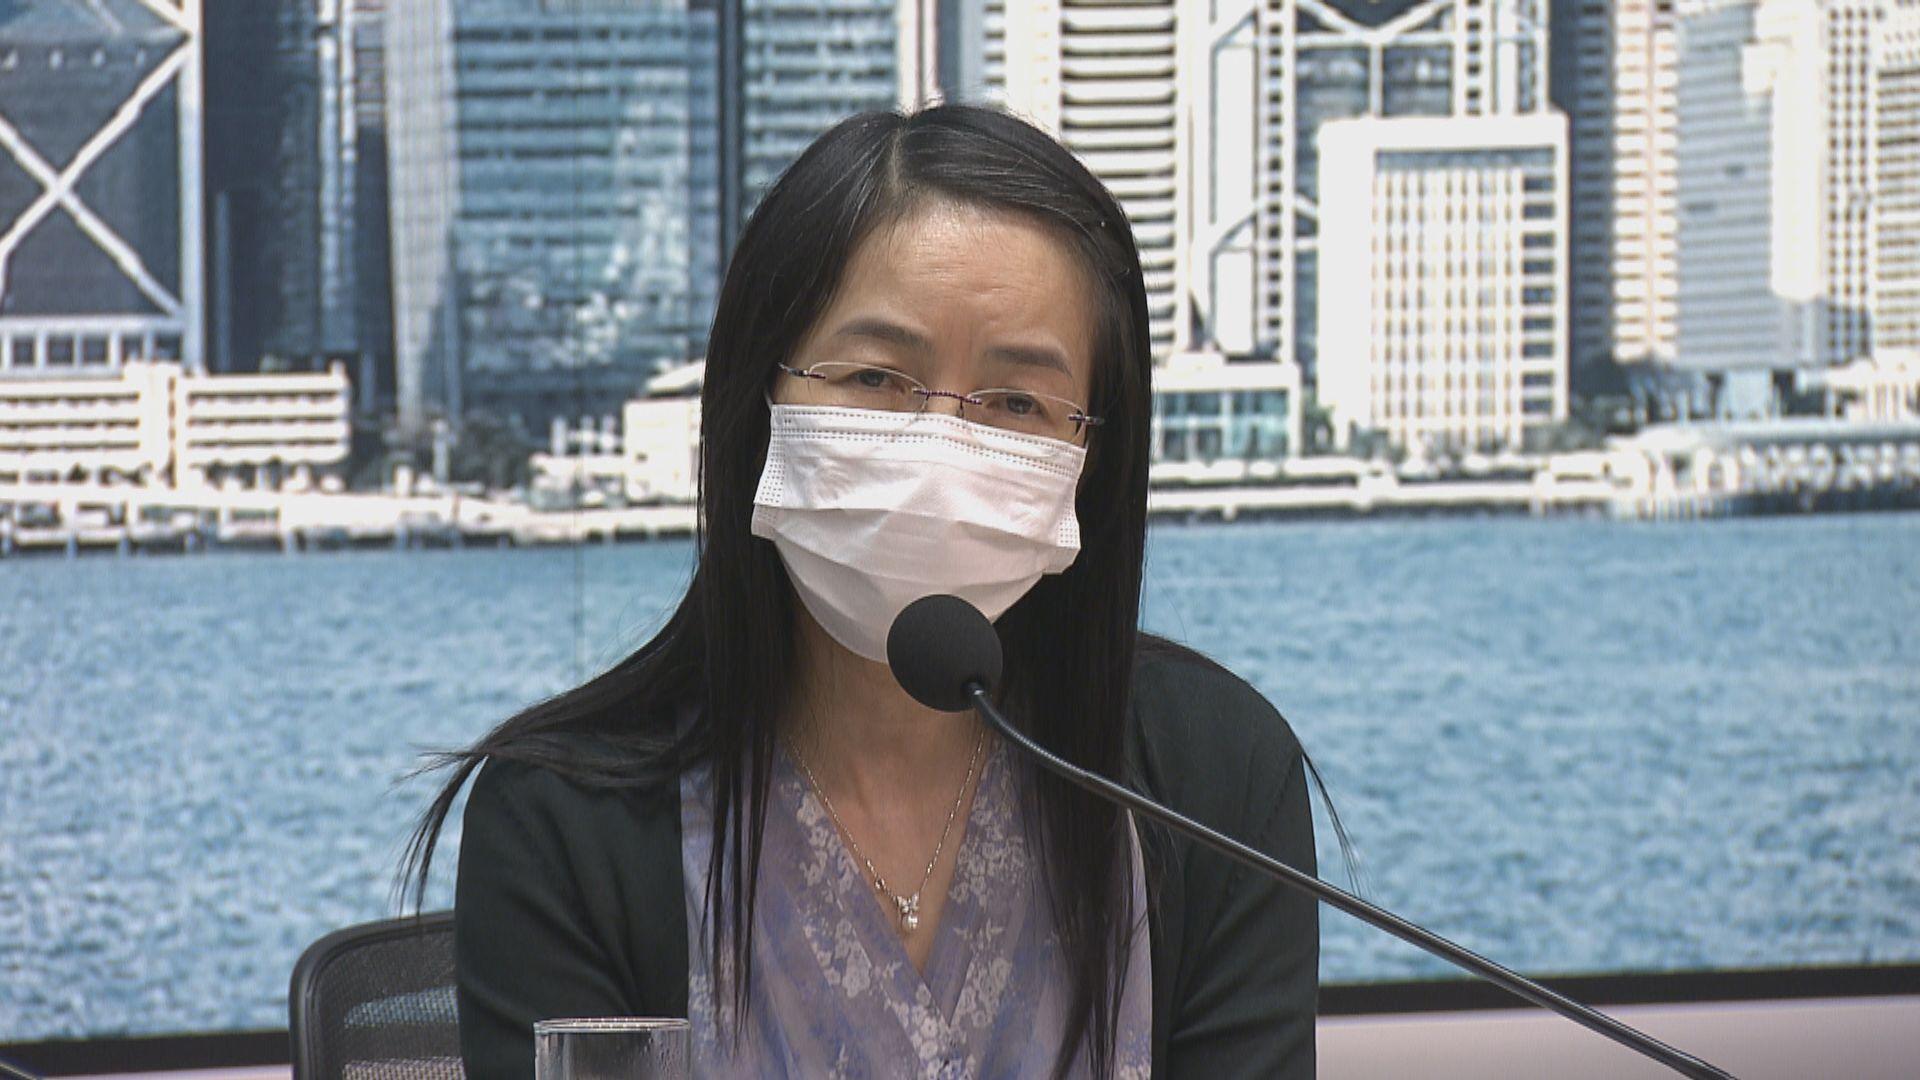 教育局:被取消註冊教師教材詳細介紹非法組織香港民族黨政綱